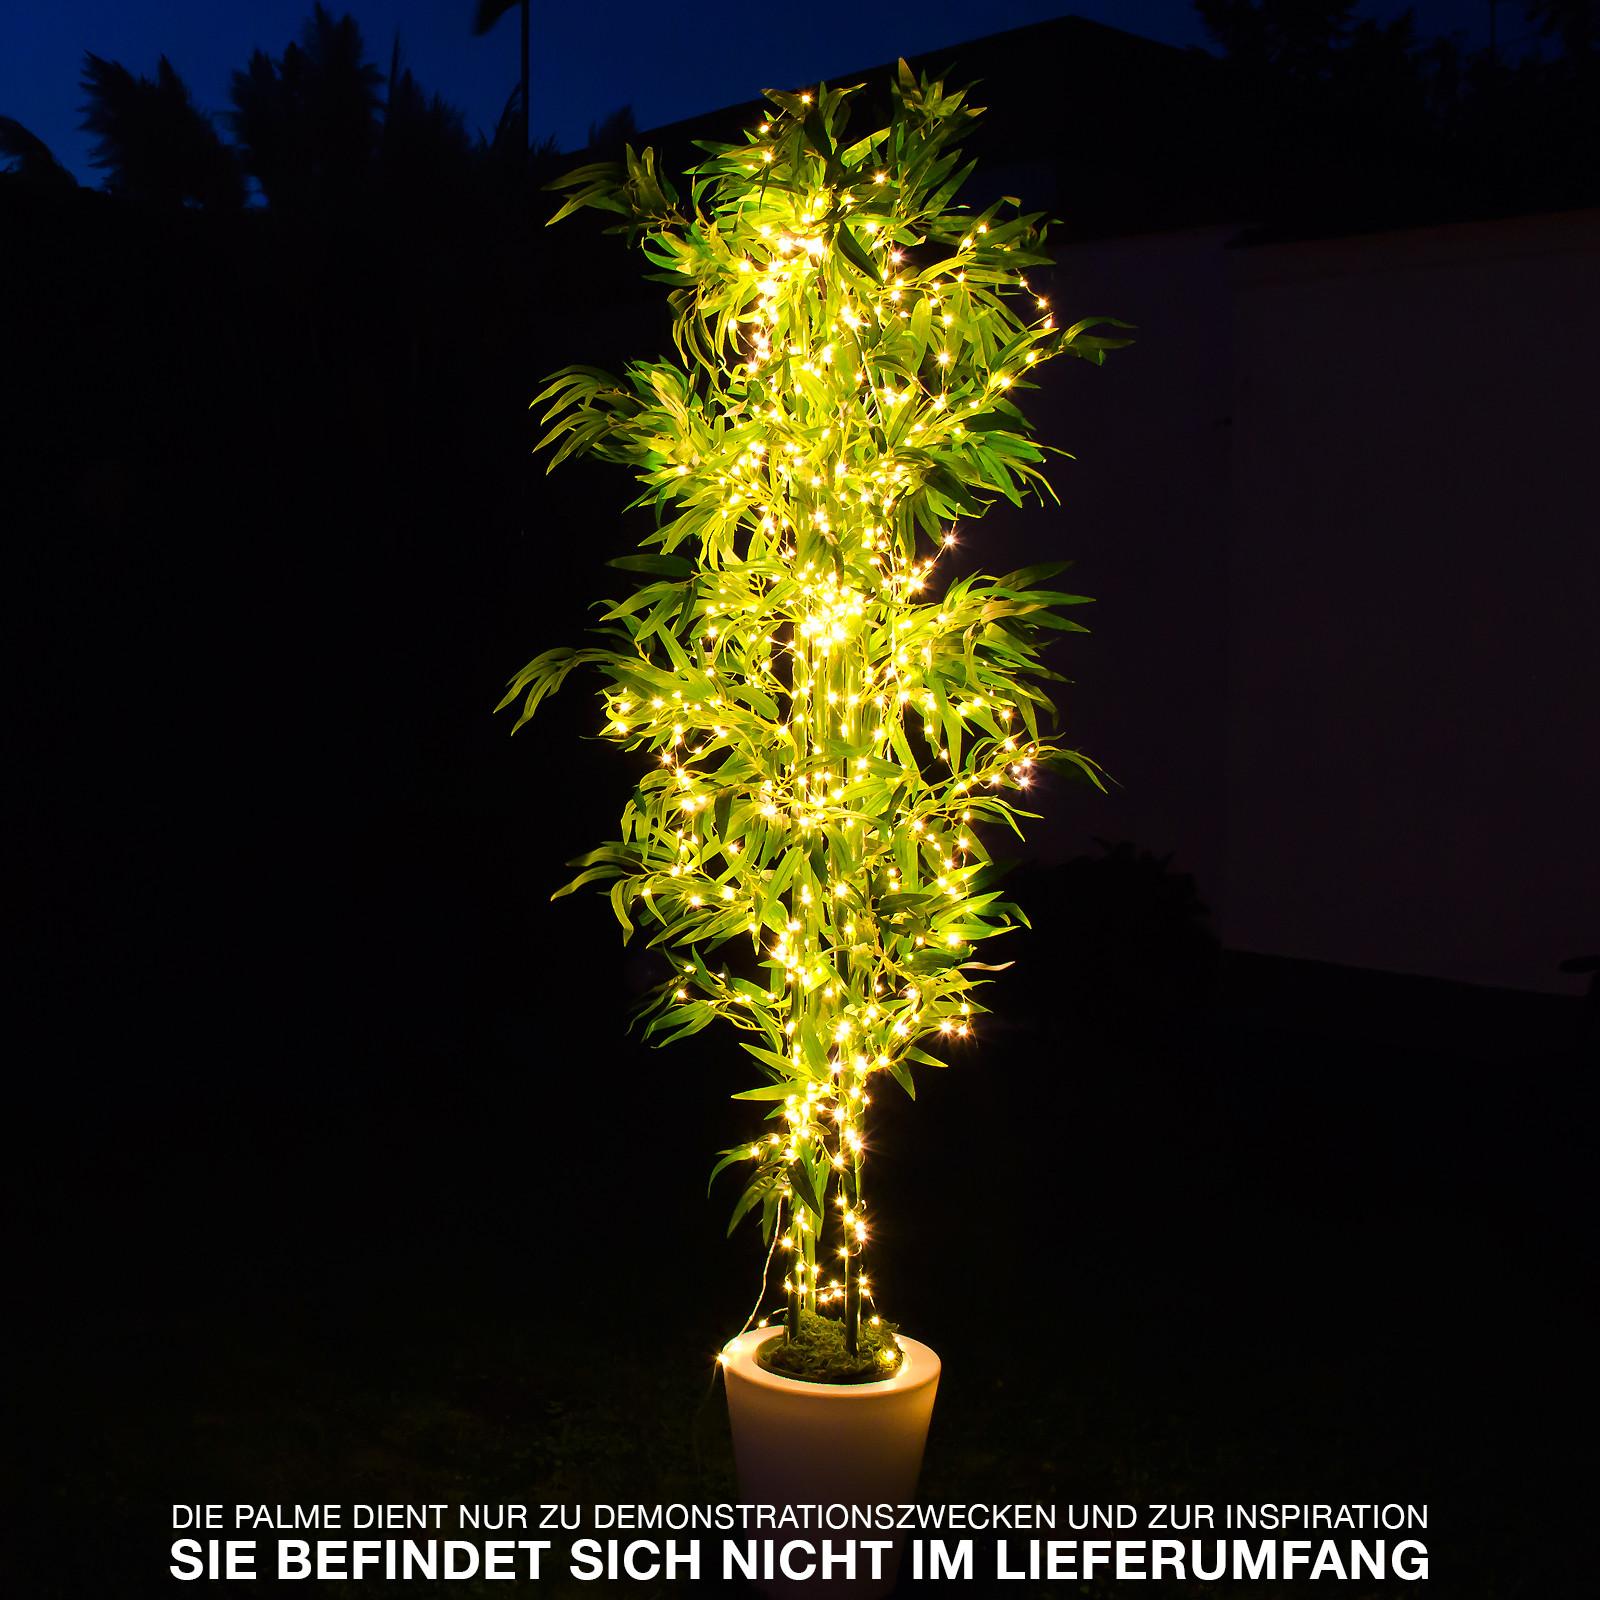 micro led lichterkette mit bis zu 700 leds und 250 cm l nge beleuchtung lichterketten. Black Bedroom Furniture Sets. Home Design Ideas